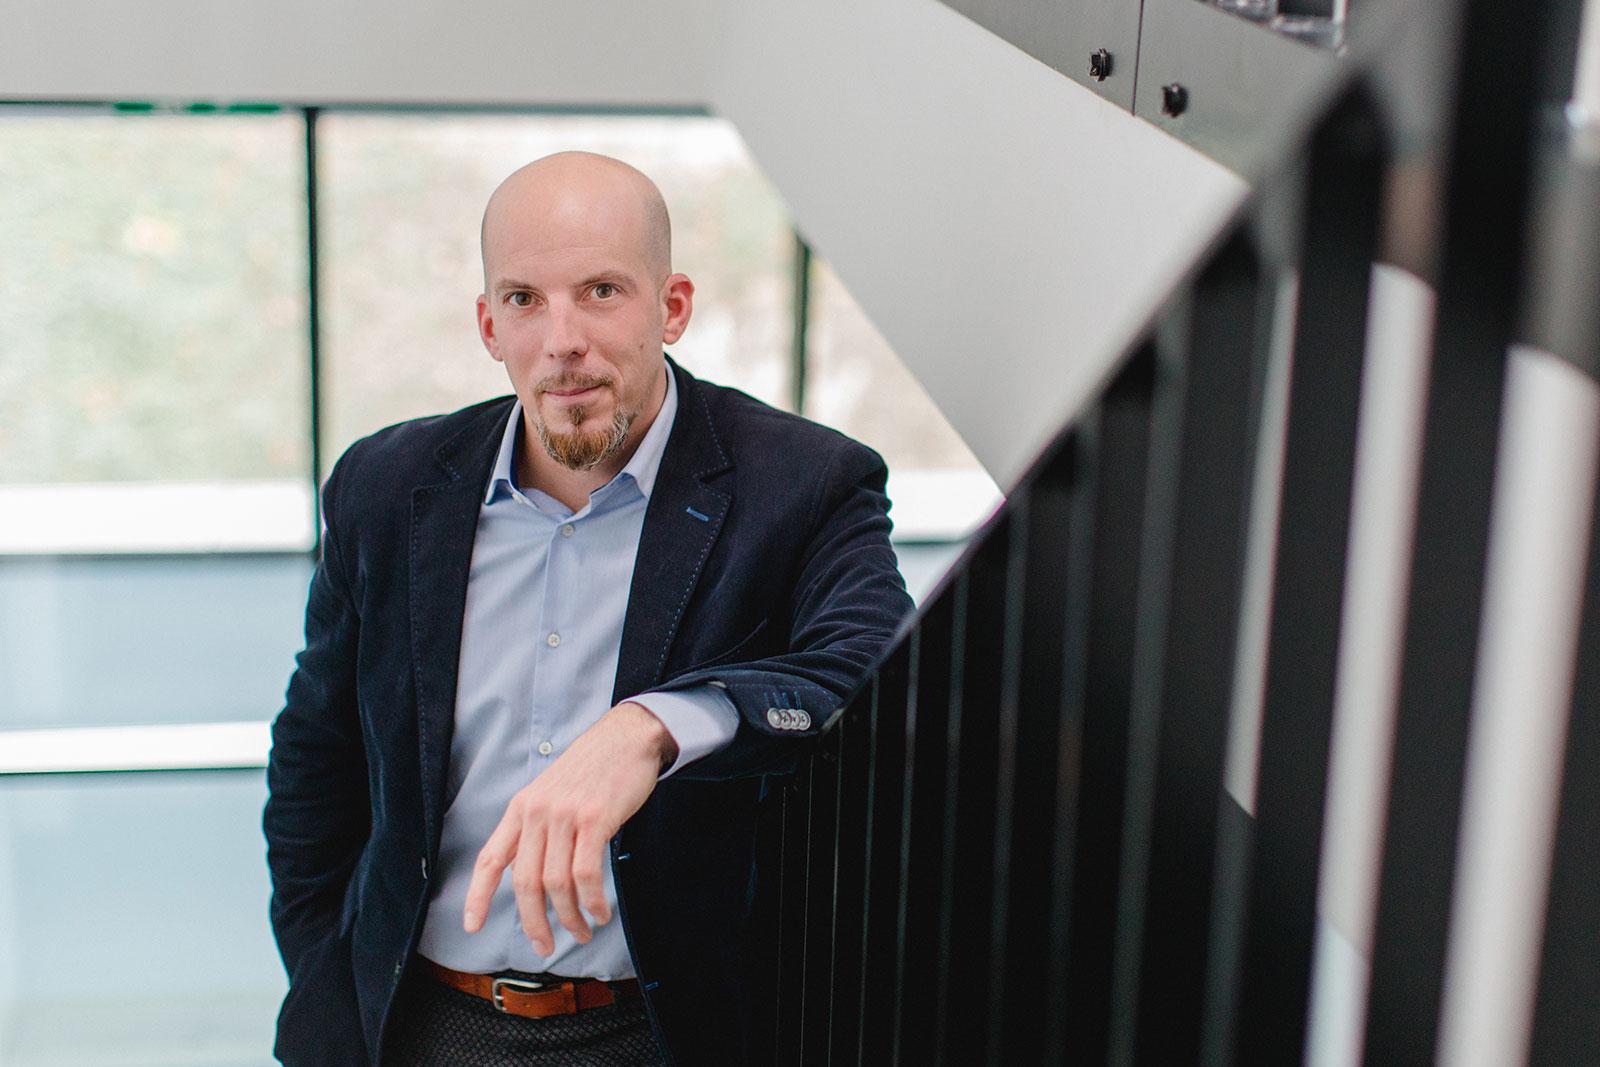 Kämpfernatur: Michael Feilmayr findet nach überstandener Krebserkrankung keinen Job. Heute leitet er eine eigene Firma und hilft anderen Betroffenen mit seinem Verein.